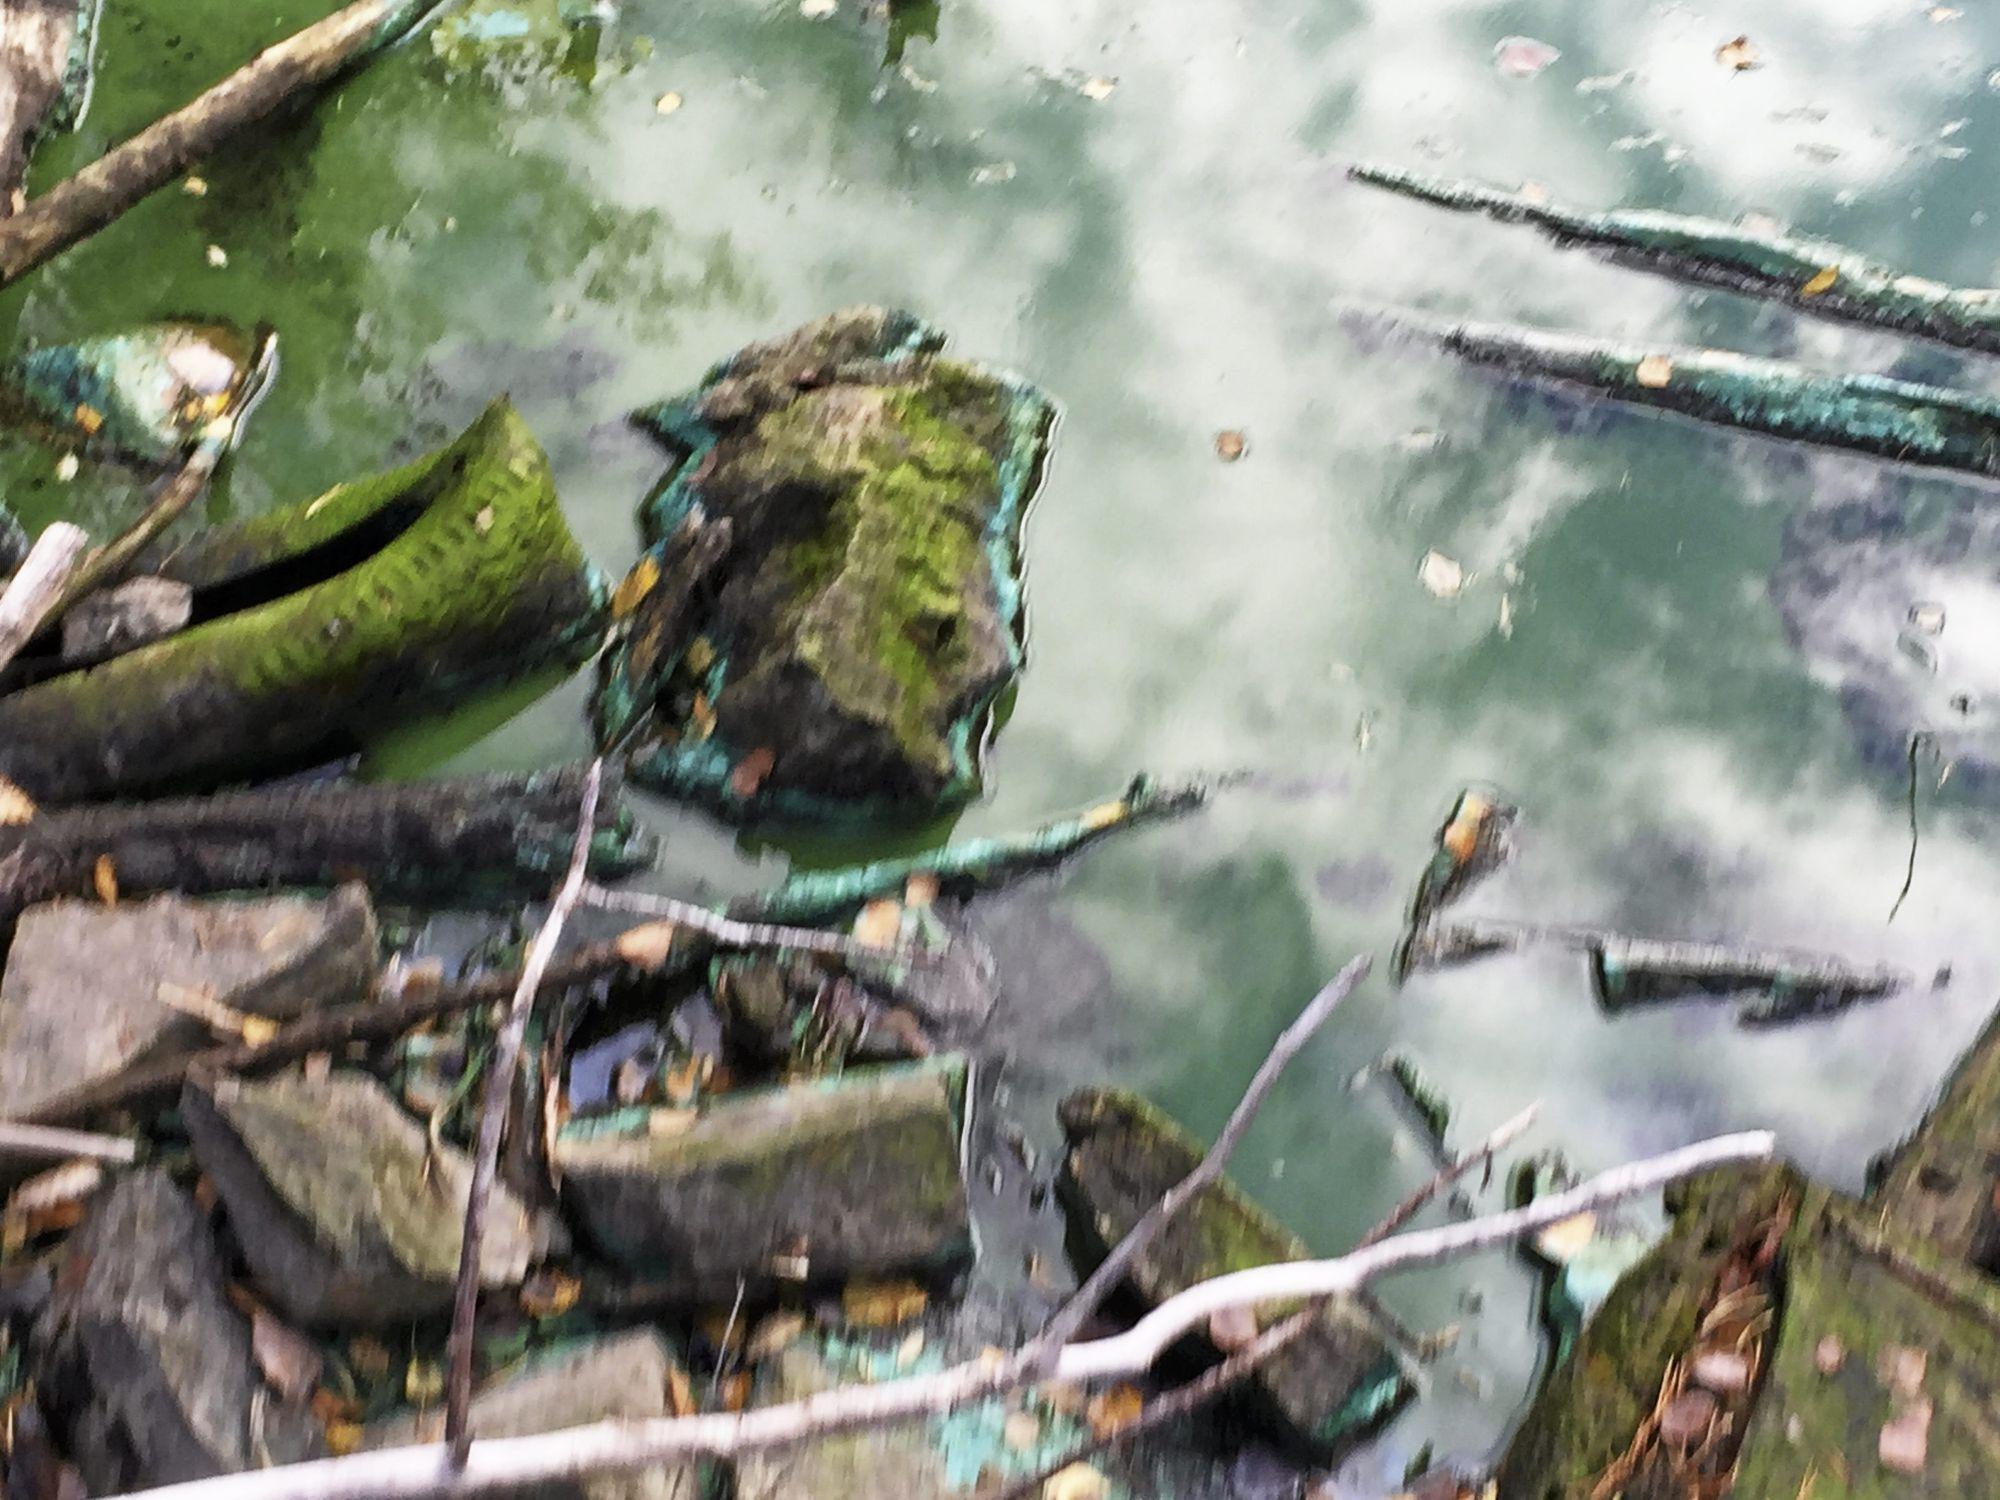 FARGER BREDDENE: Algene er ikke bare på land. De ligger også som en slags blå-grønn, slammete masse på steiner og lignende ved vannets bredder.